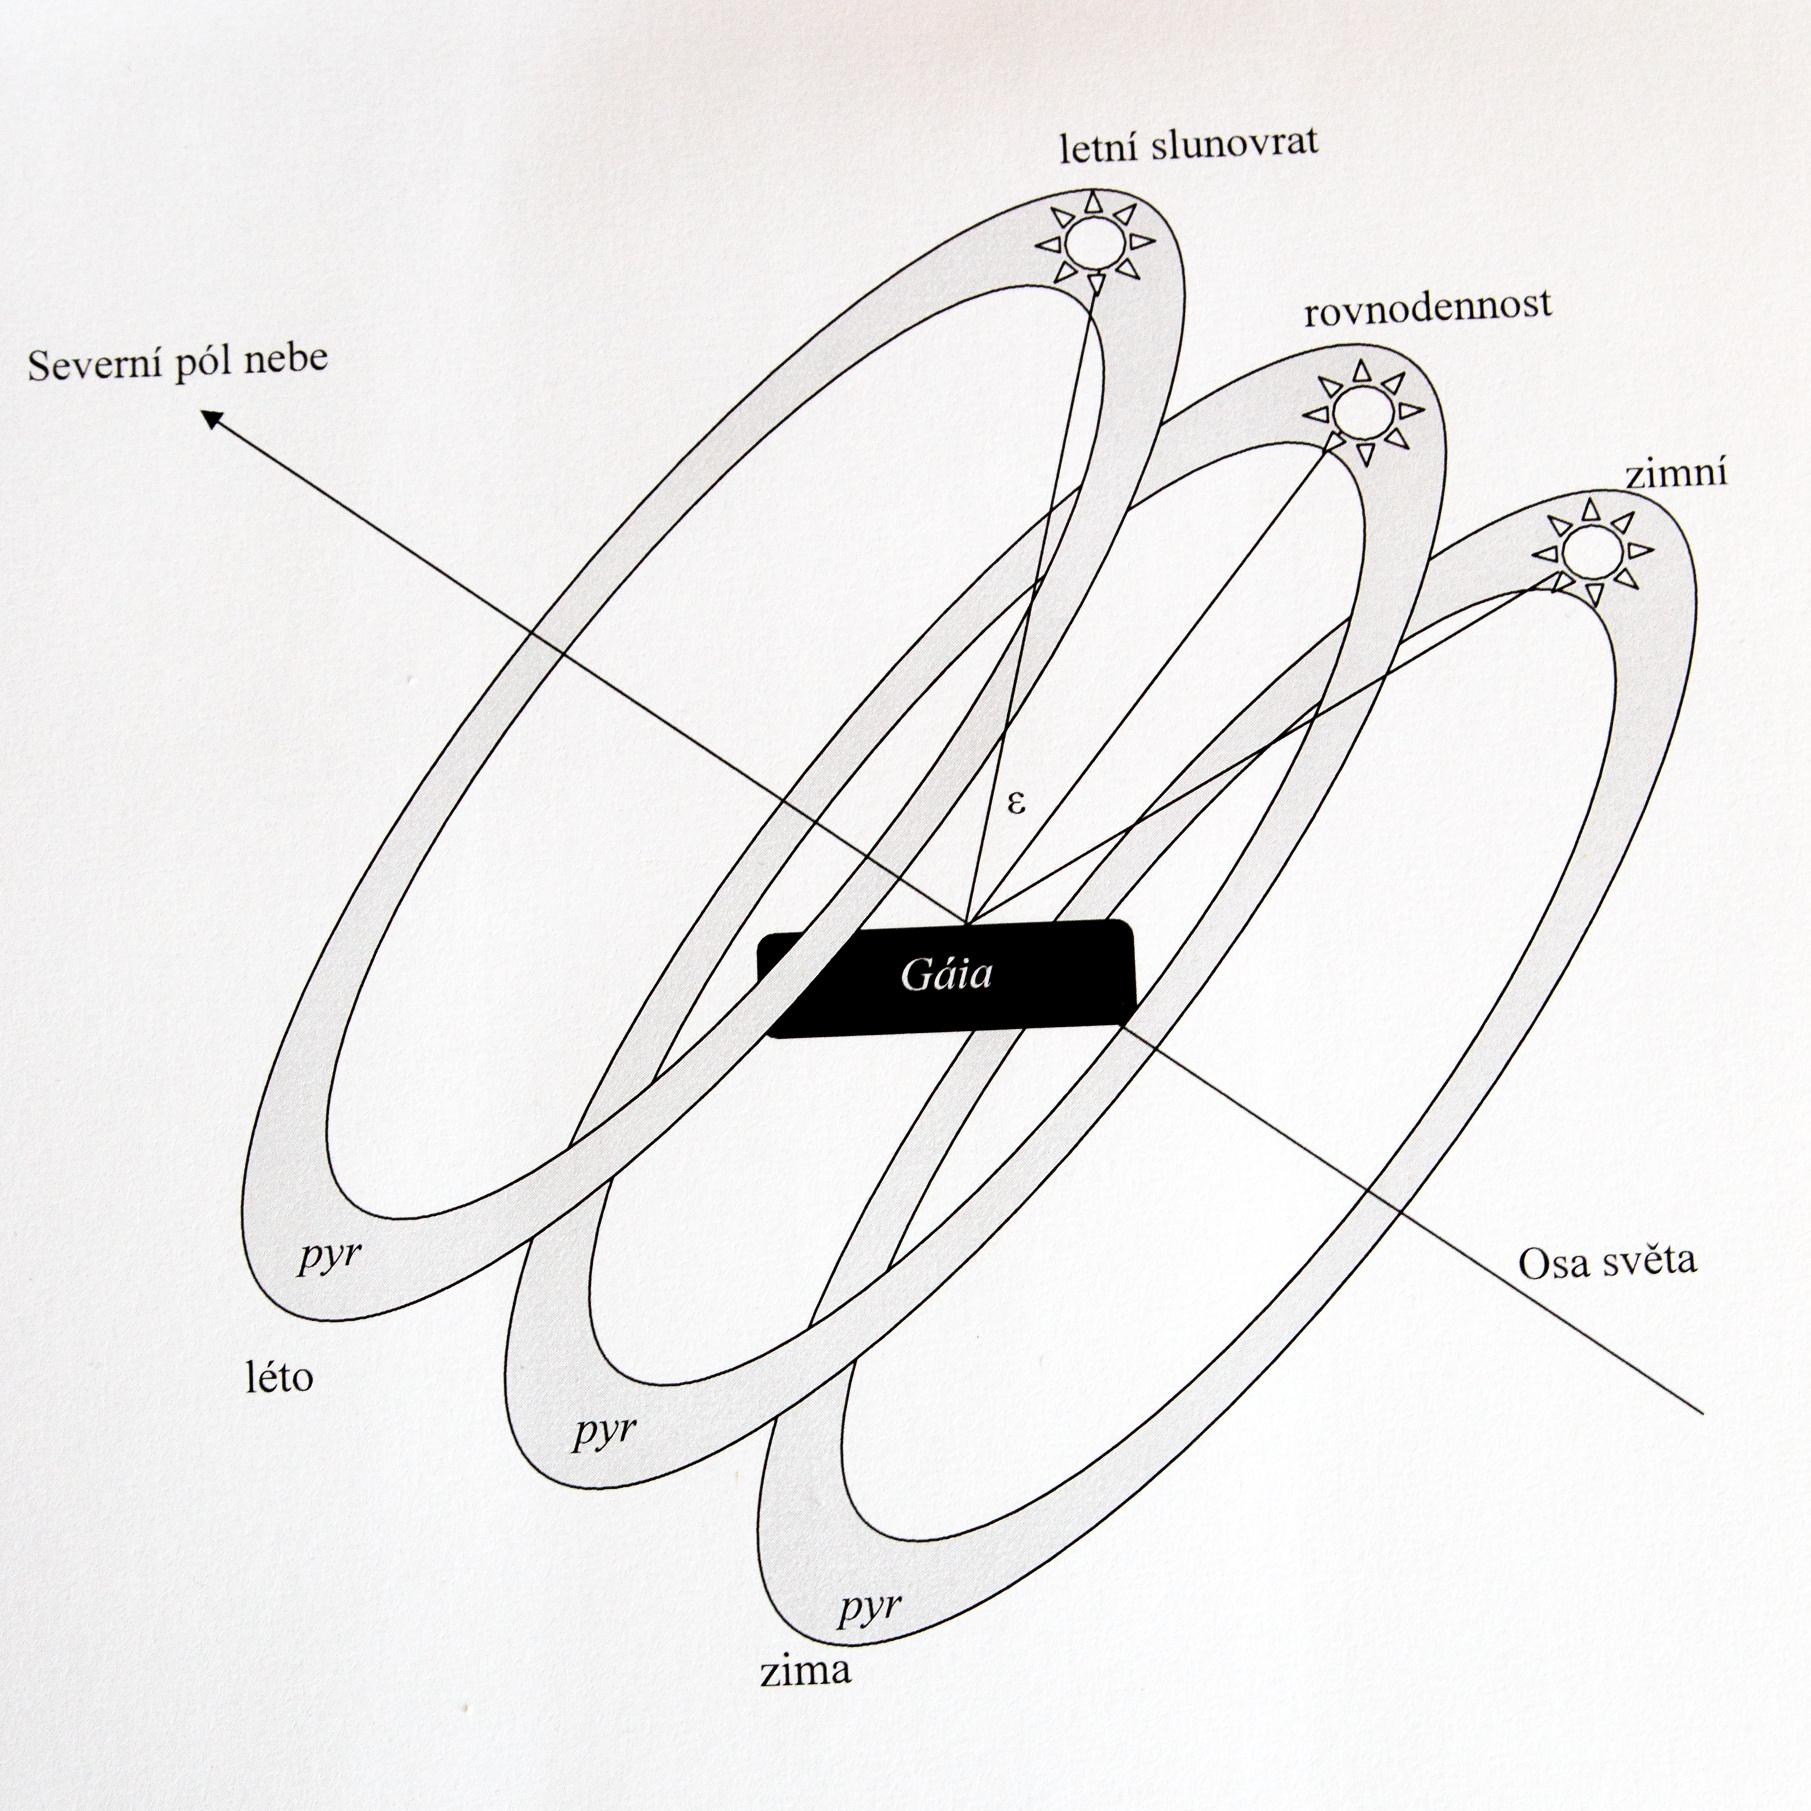 Schéma Anaximandrova modelu vztahů Slunce a Země. Kredit: Dirk Couprie a Z. Kratochvíl v Mezi mořem a nebem, 2010, s. 236.